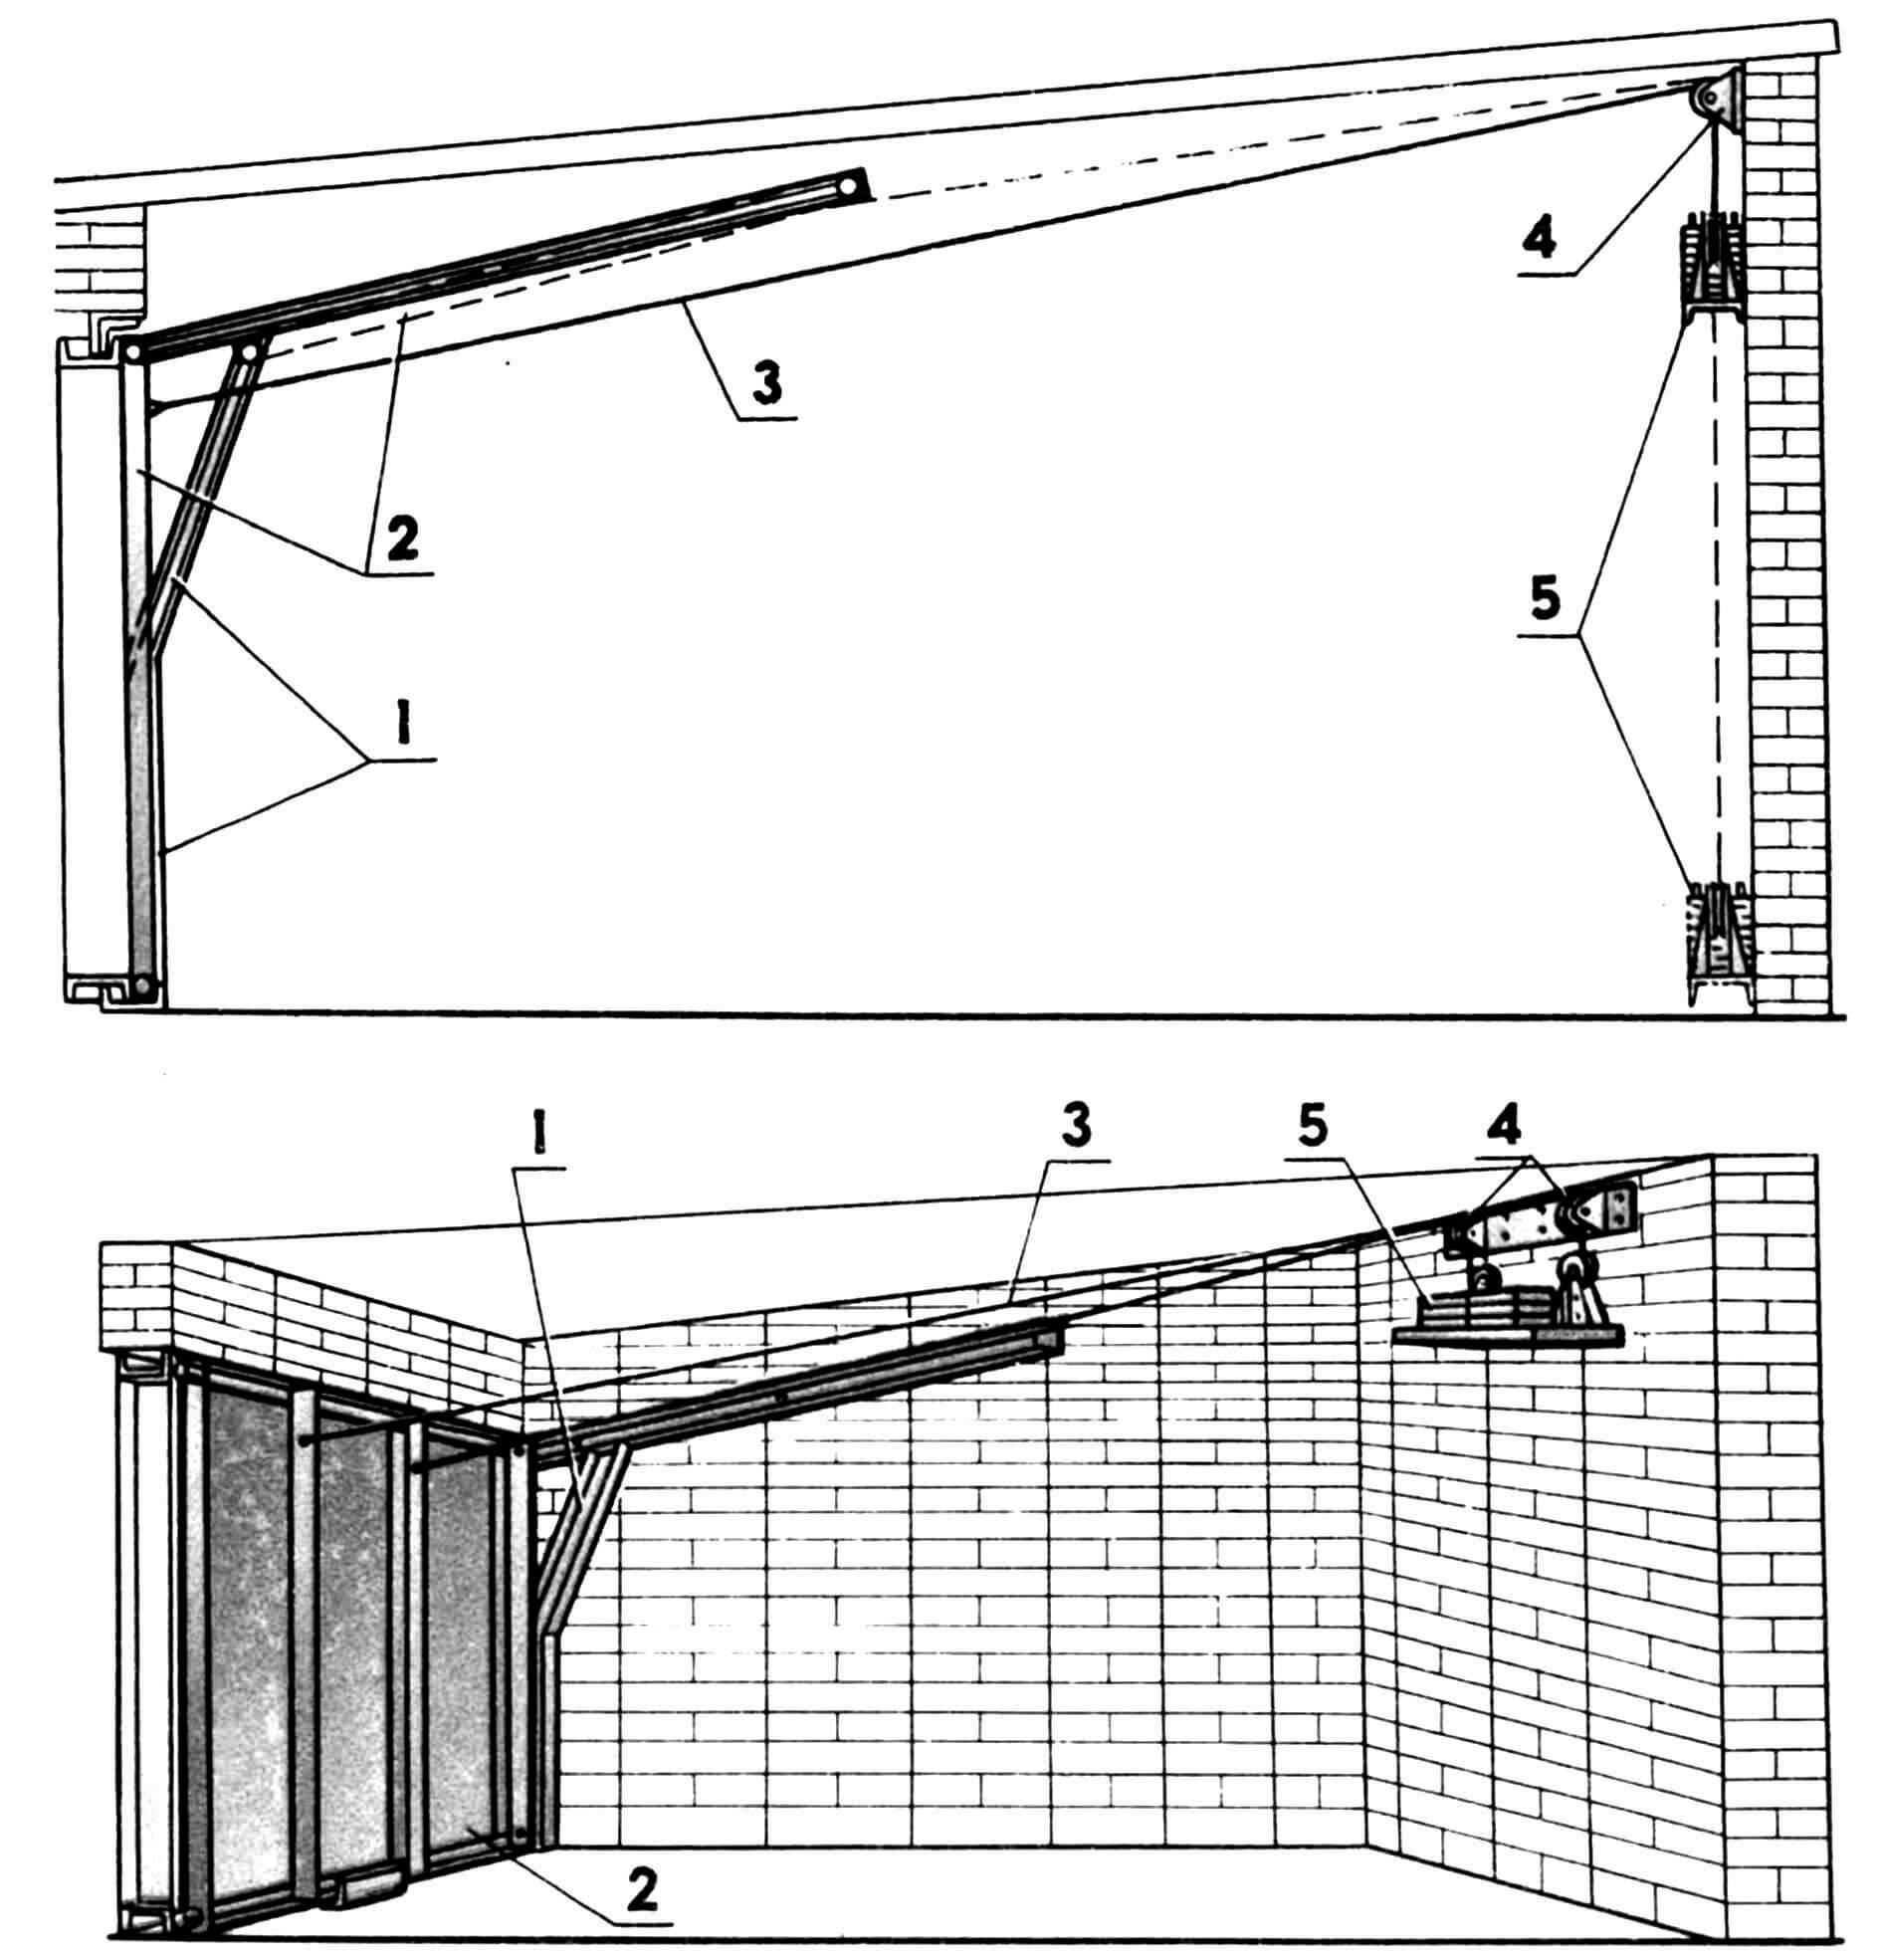 Одностворчатые гаражные ворота: 1 — направляющие, 2 — створка, 3 — трос, 4 — блок, 5 — противовес.